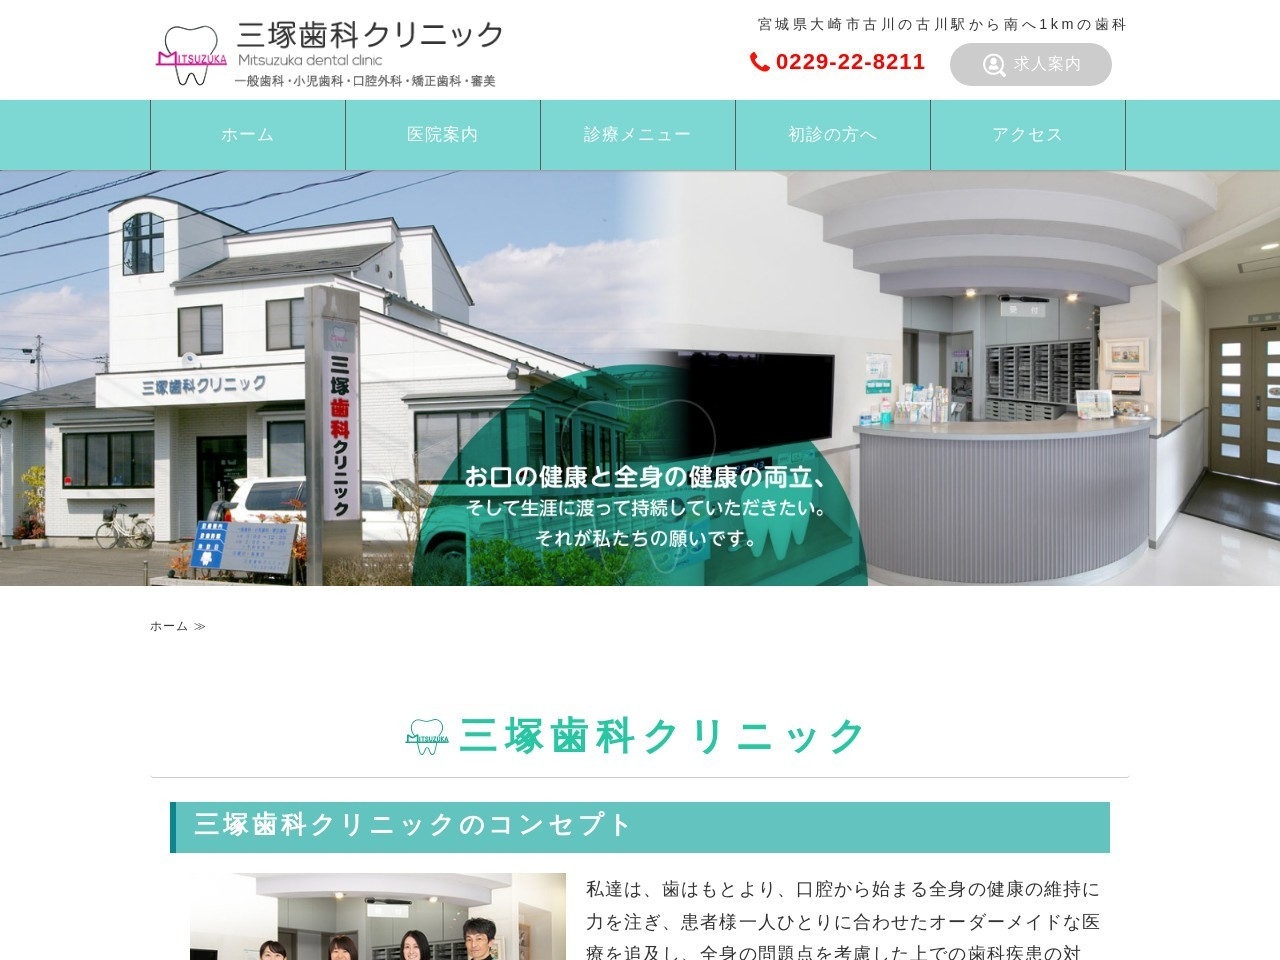 三塚歯科クリニック (宮城県大崎市)